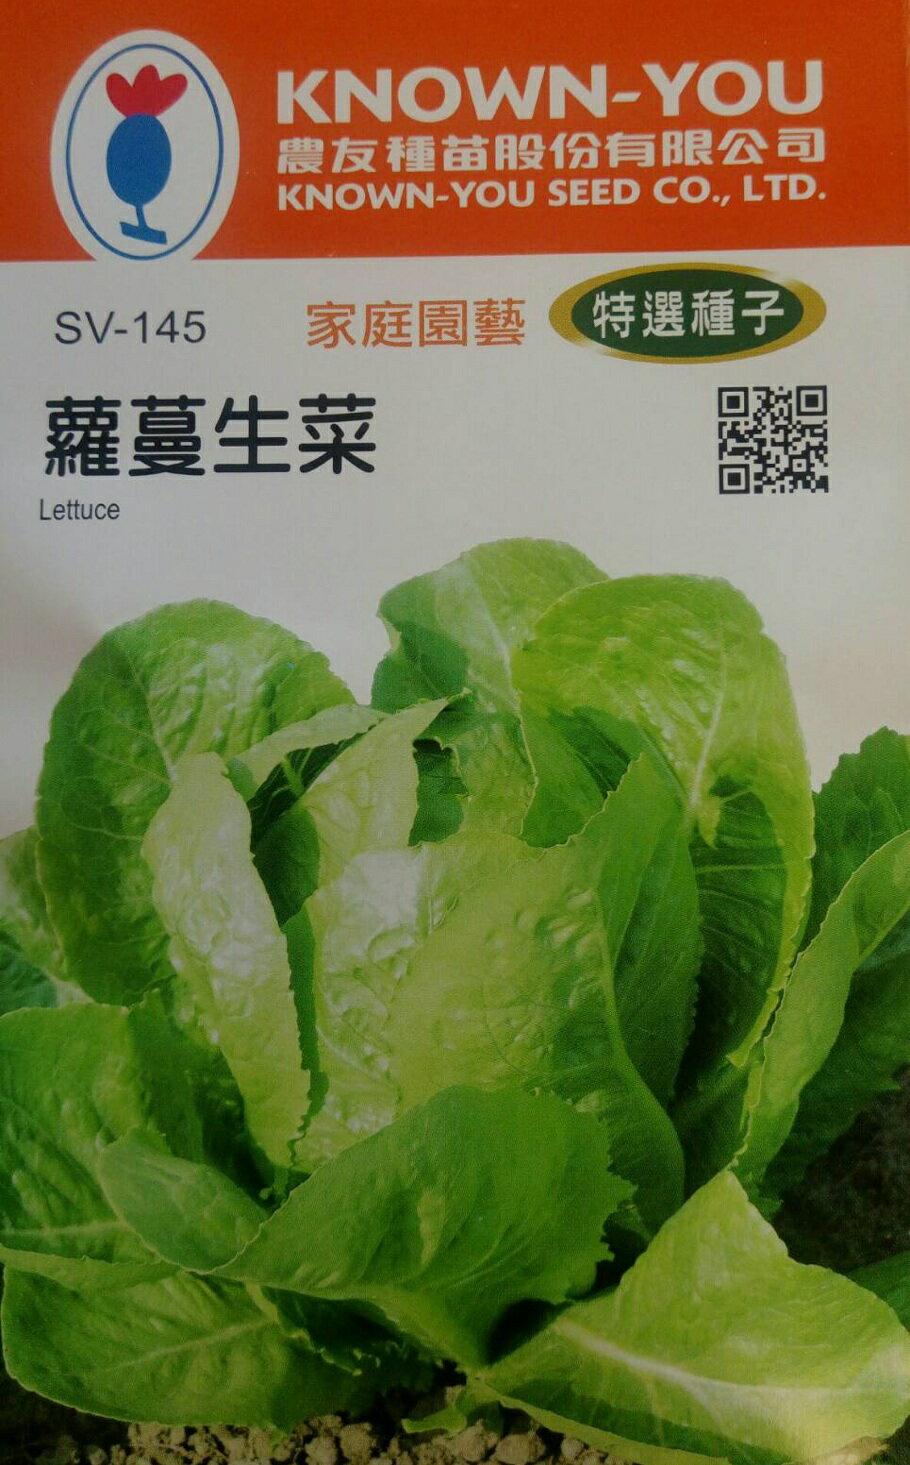 【尋花趣】農友種苗 蘿蔓生菜(特選種子) 蔬菜種子 每包約12公克(g) 保證新鮮種子